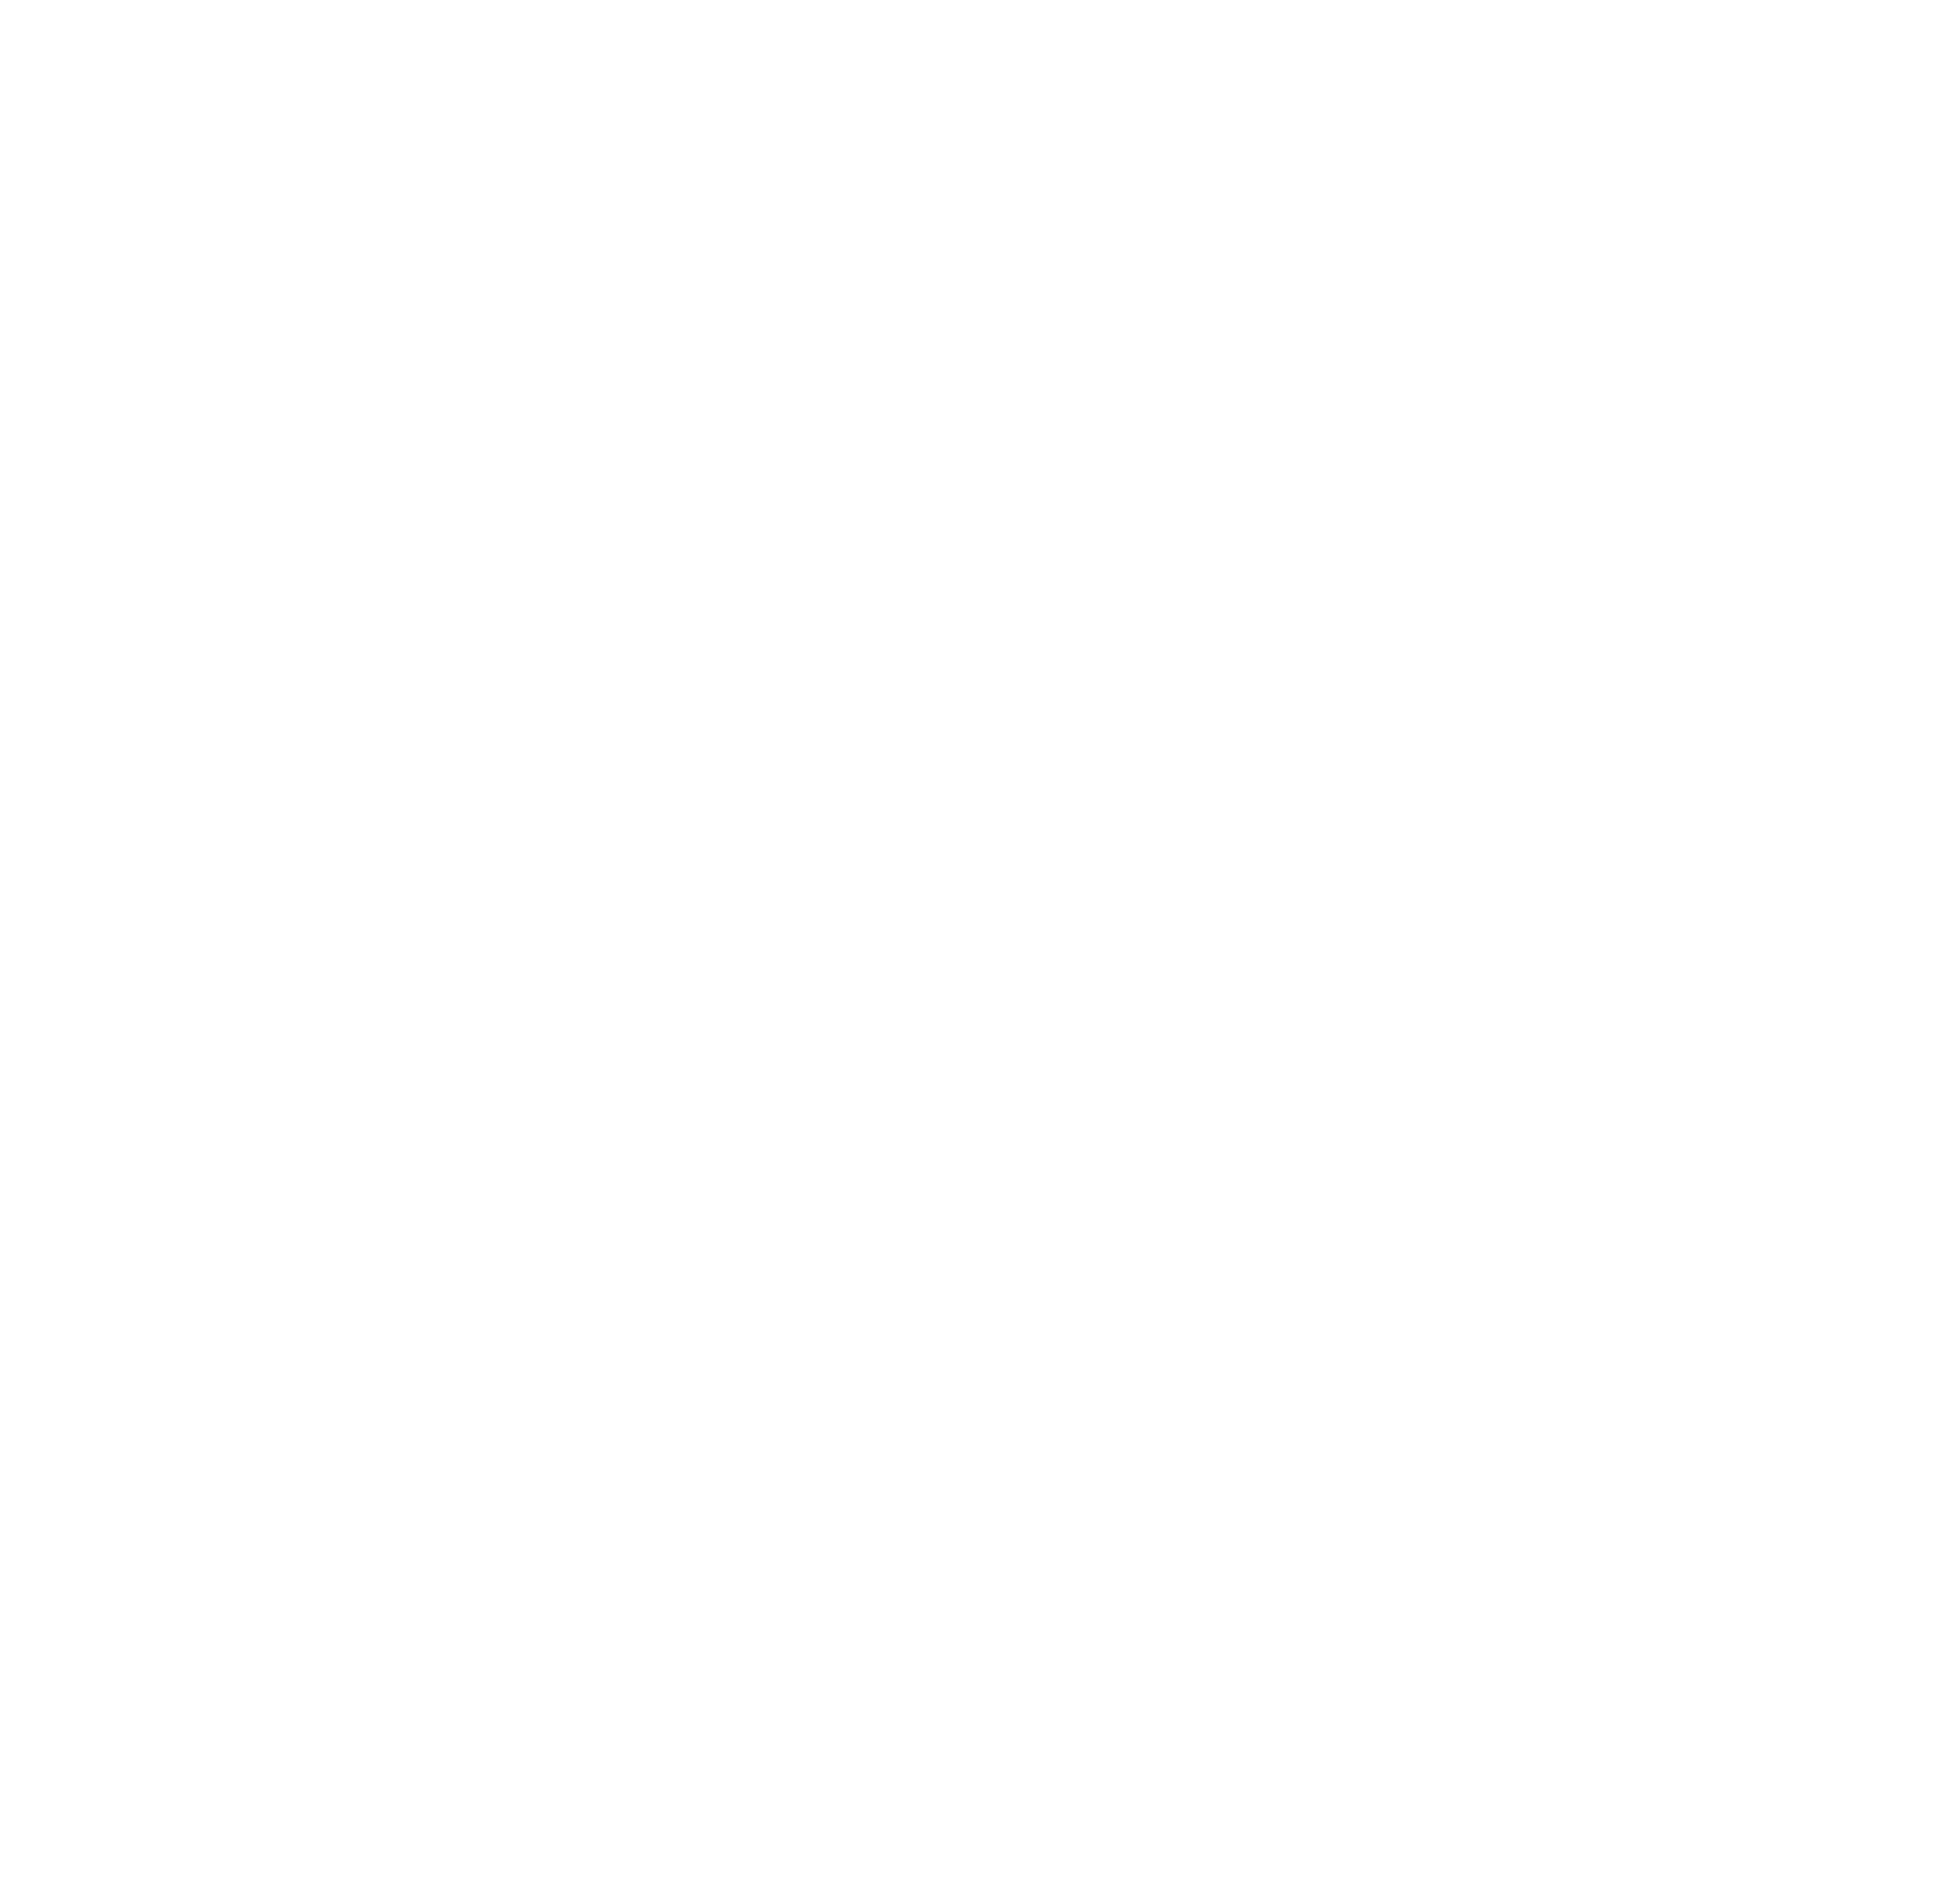 Perceptive – vi förstärker och utvecklar kommunikation, marknad och försäljning